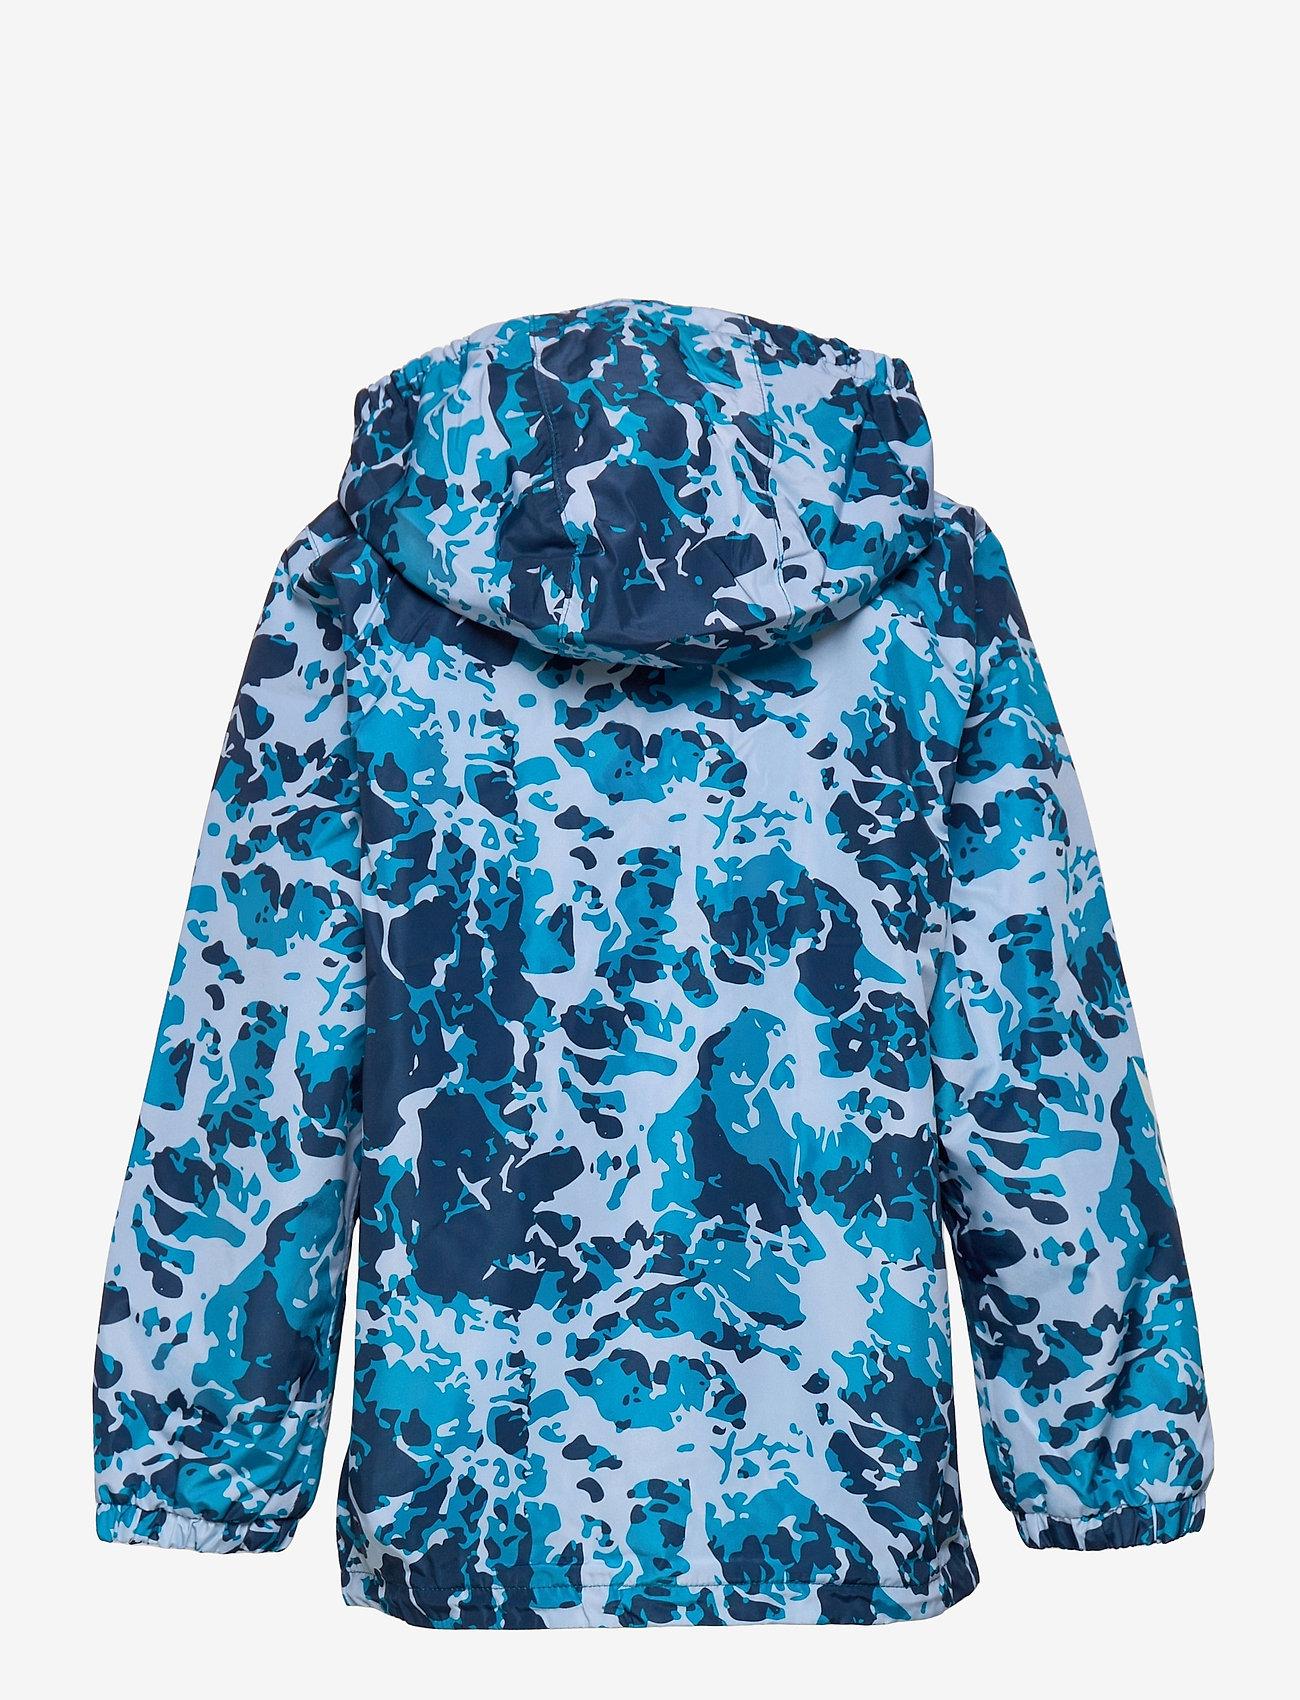 Hummel - hmlLAPLI JACKET - shell & rain jackets - mykonos blue - 1